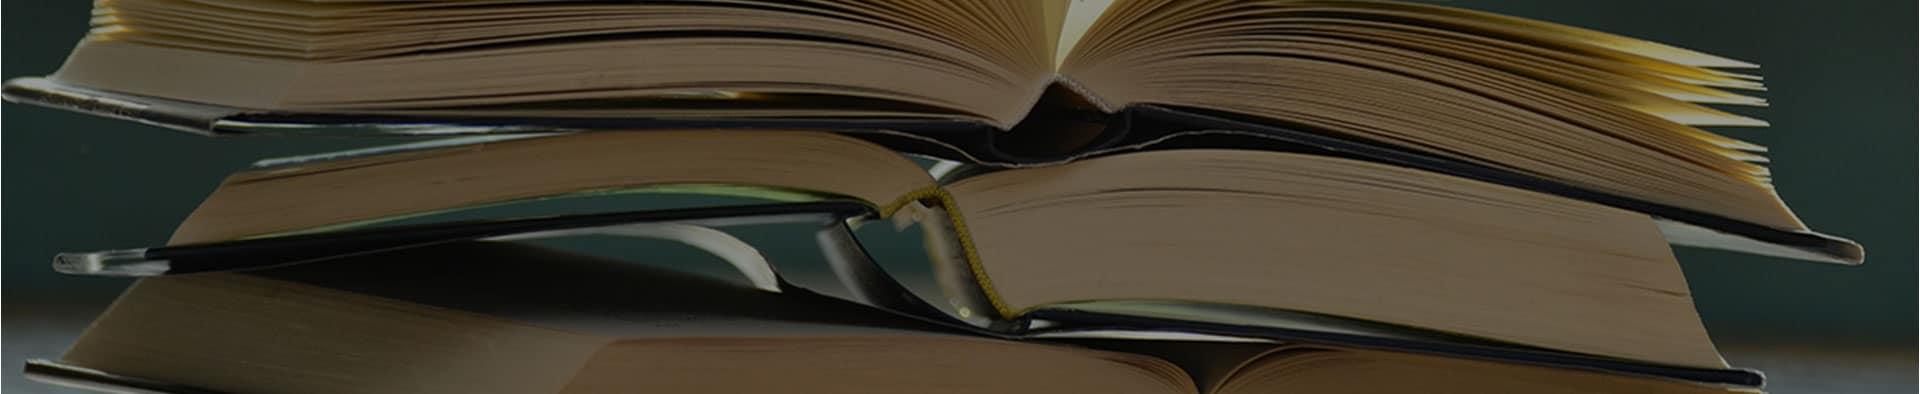 Libros de Moisés Barrio Andrés